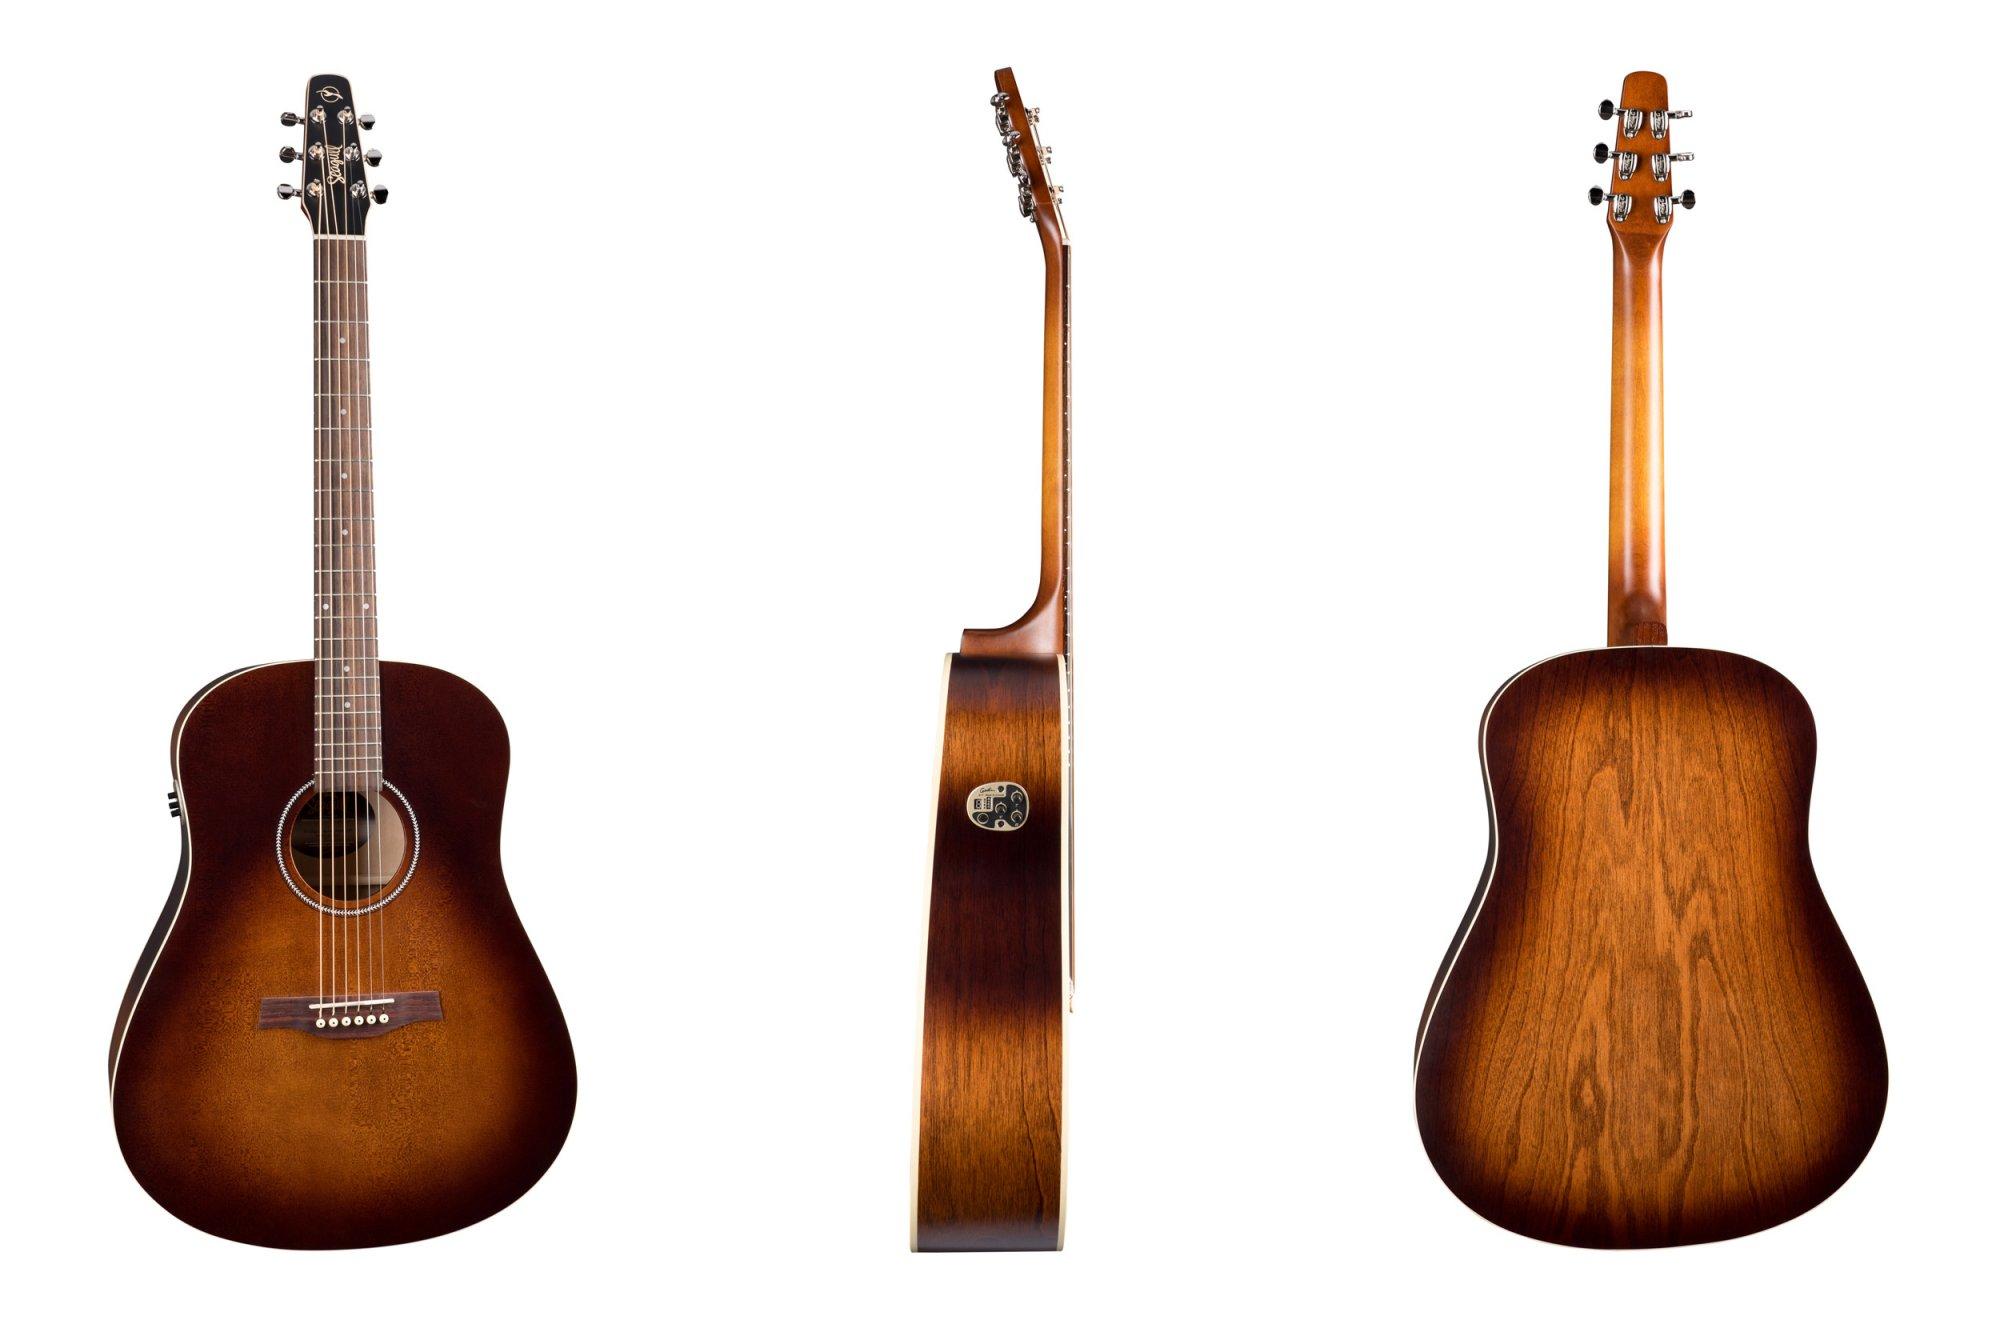 Seagull Guitars S6 Original Burnt Umber QIT Acoustic/Electric Guitar